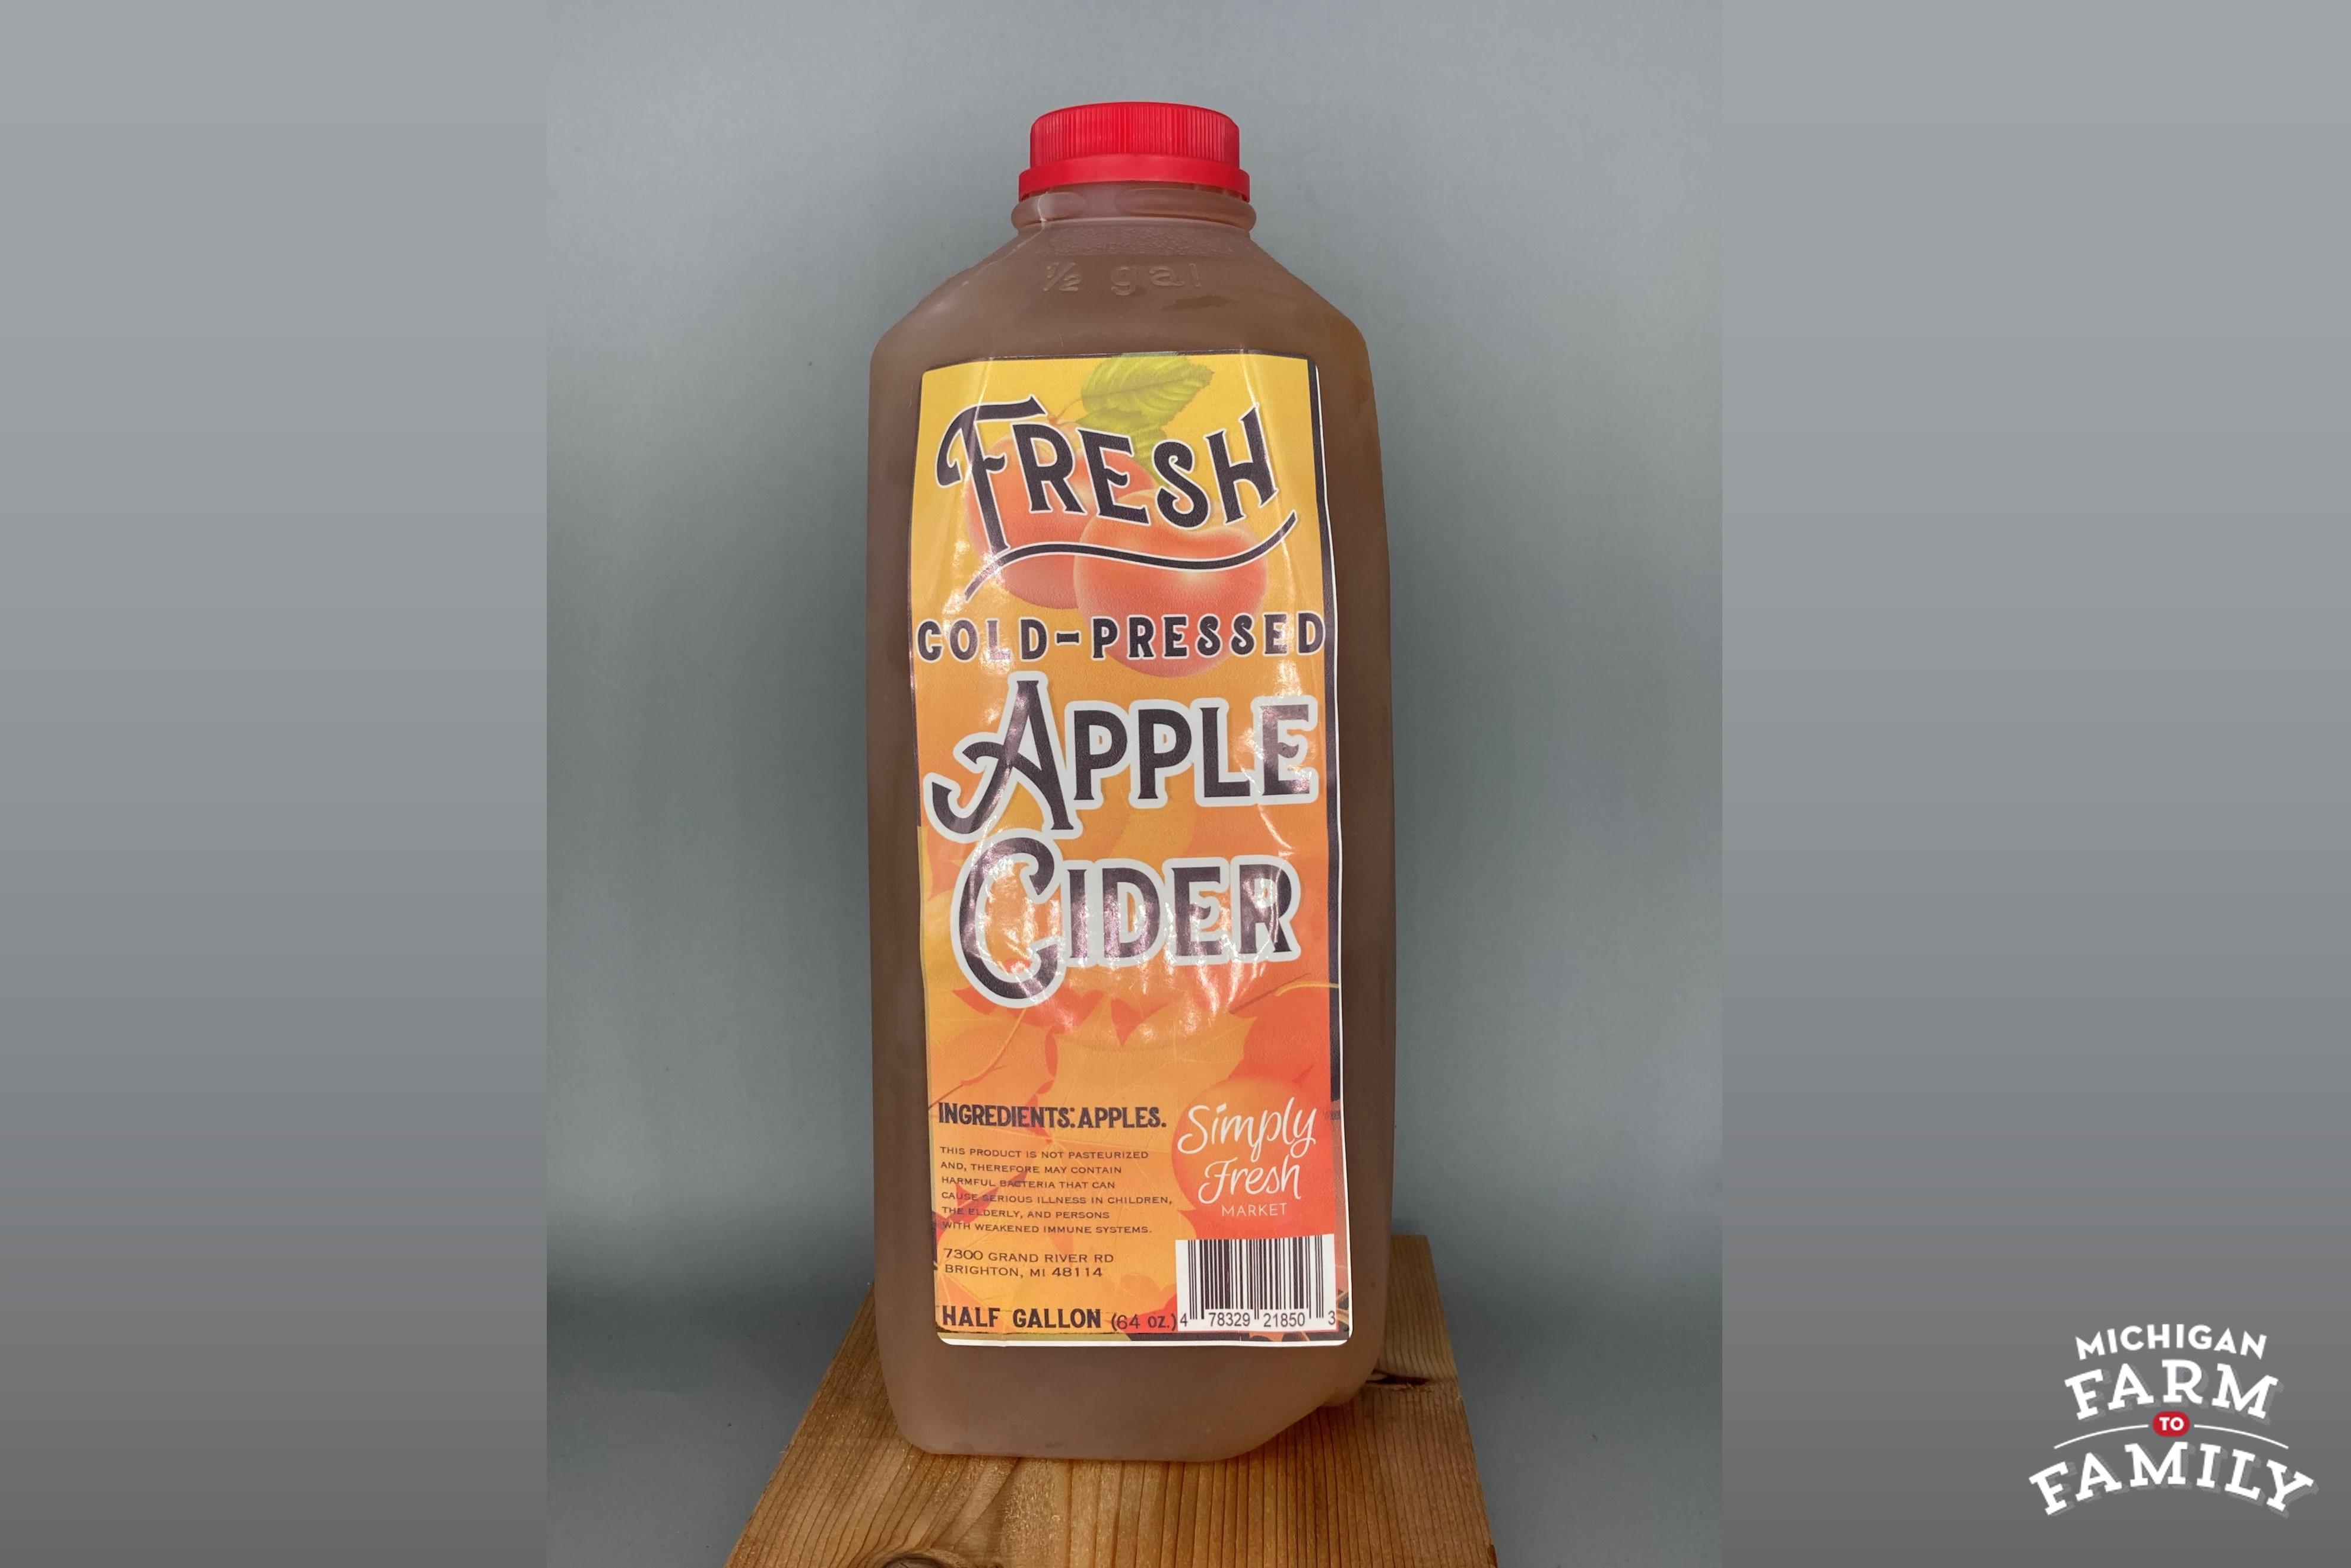 Fresh Apple Cider, Cold-Pressed (Half-Gallon)